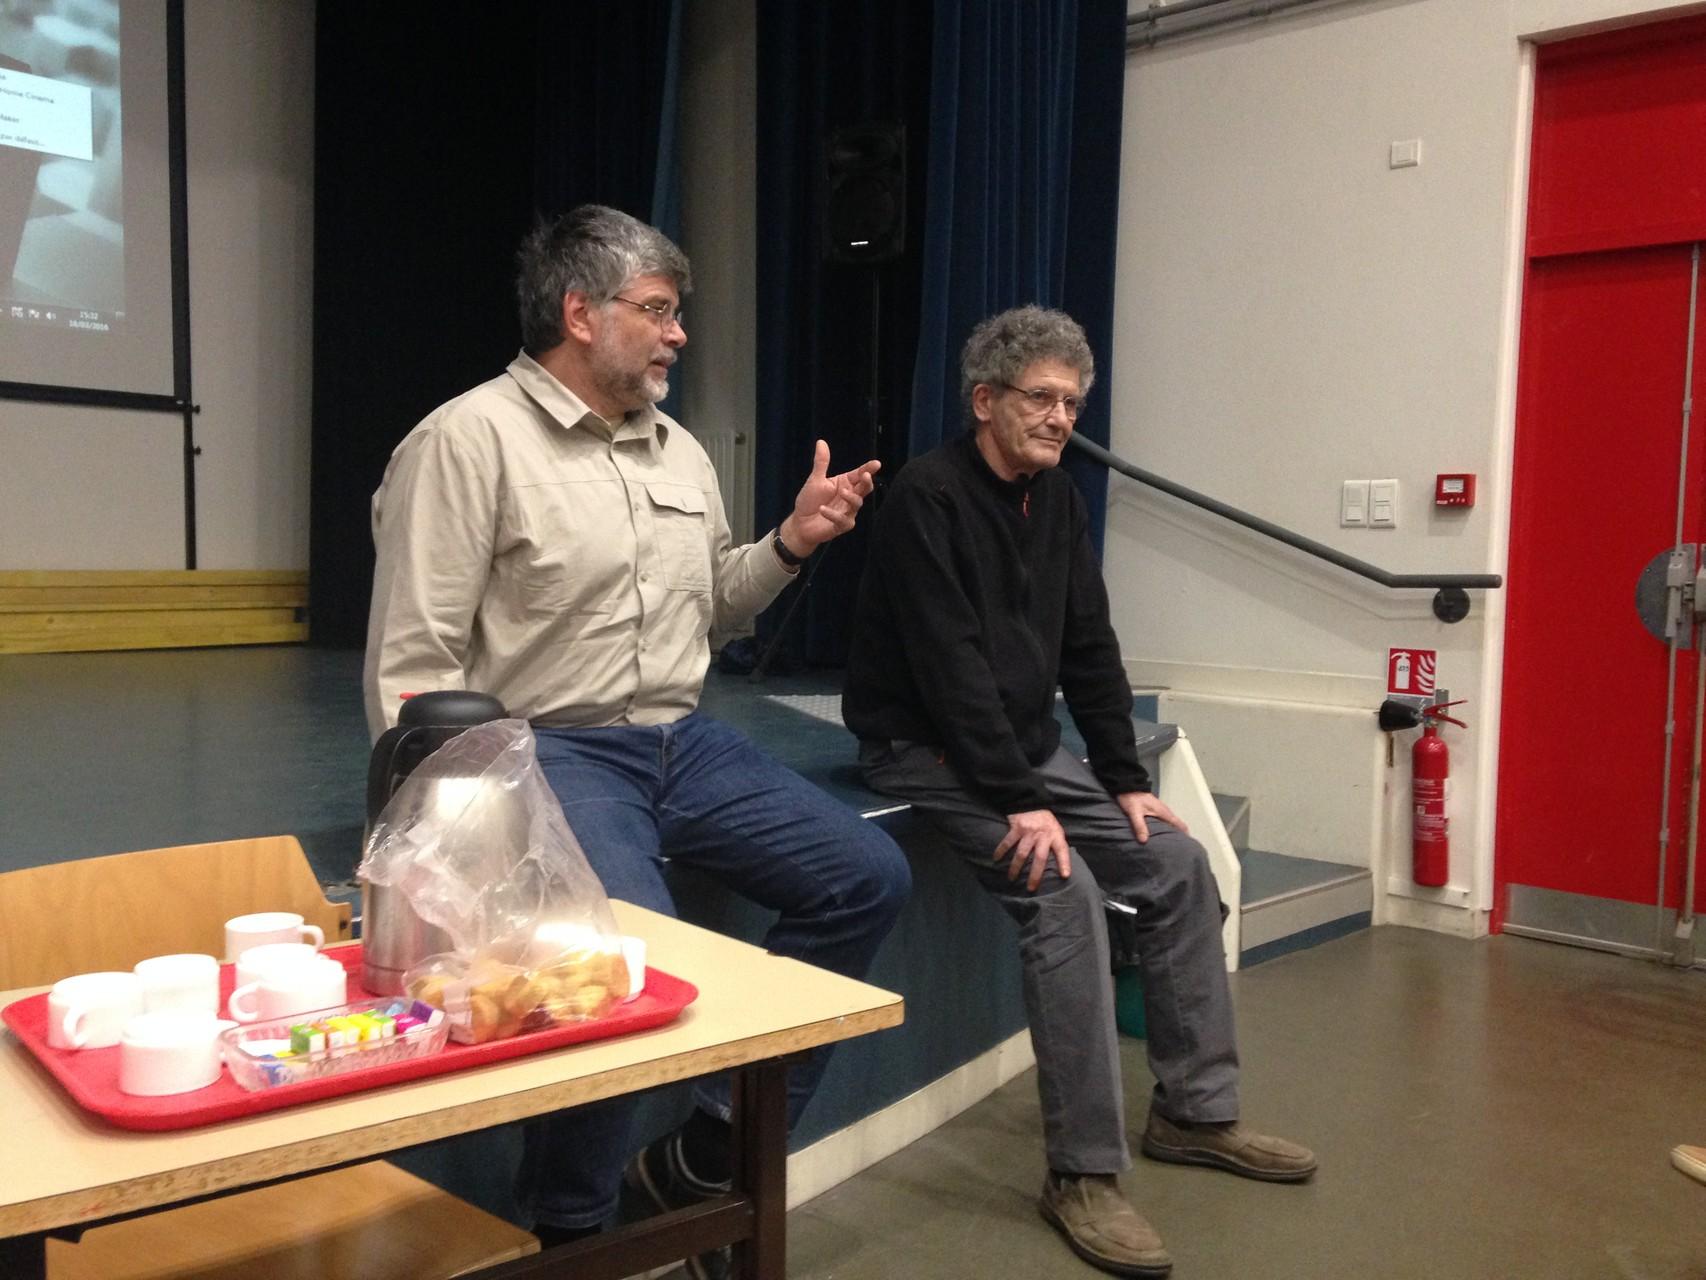 Eric Binet, archéologue au service archéologique d'Amiens Métropole et Alain Boucher, vice-président du CIRAS répondent aux questions du public